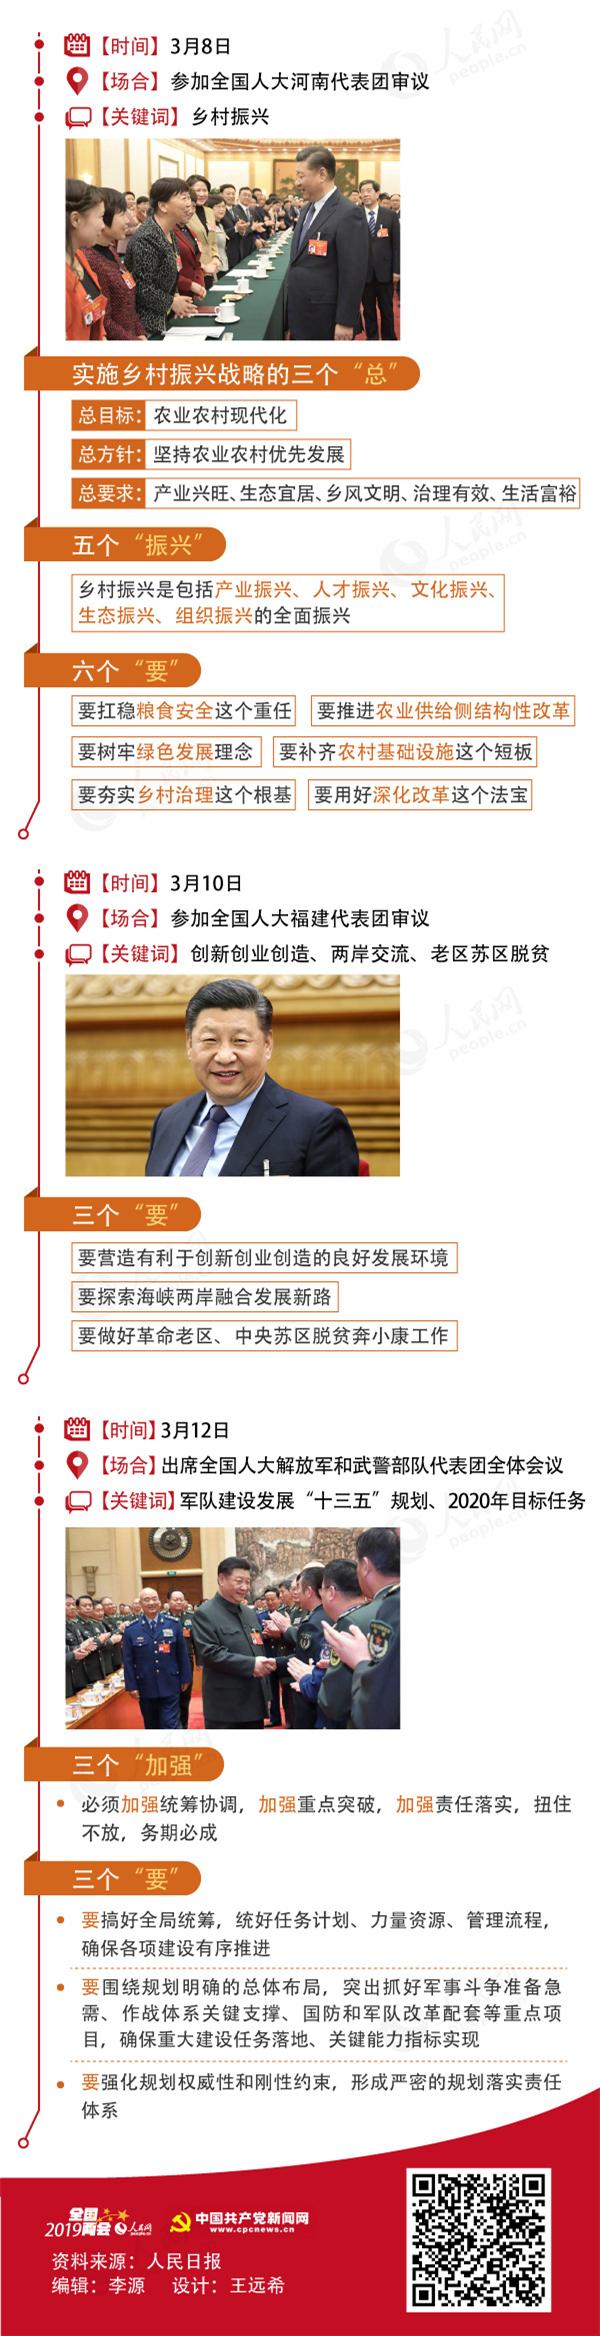 """习近平2019年两会讲话""""干货""""全掌握-2"""